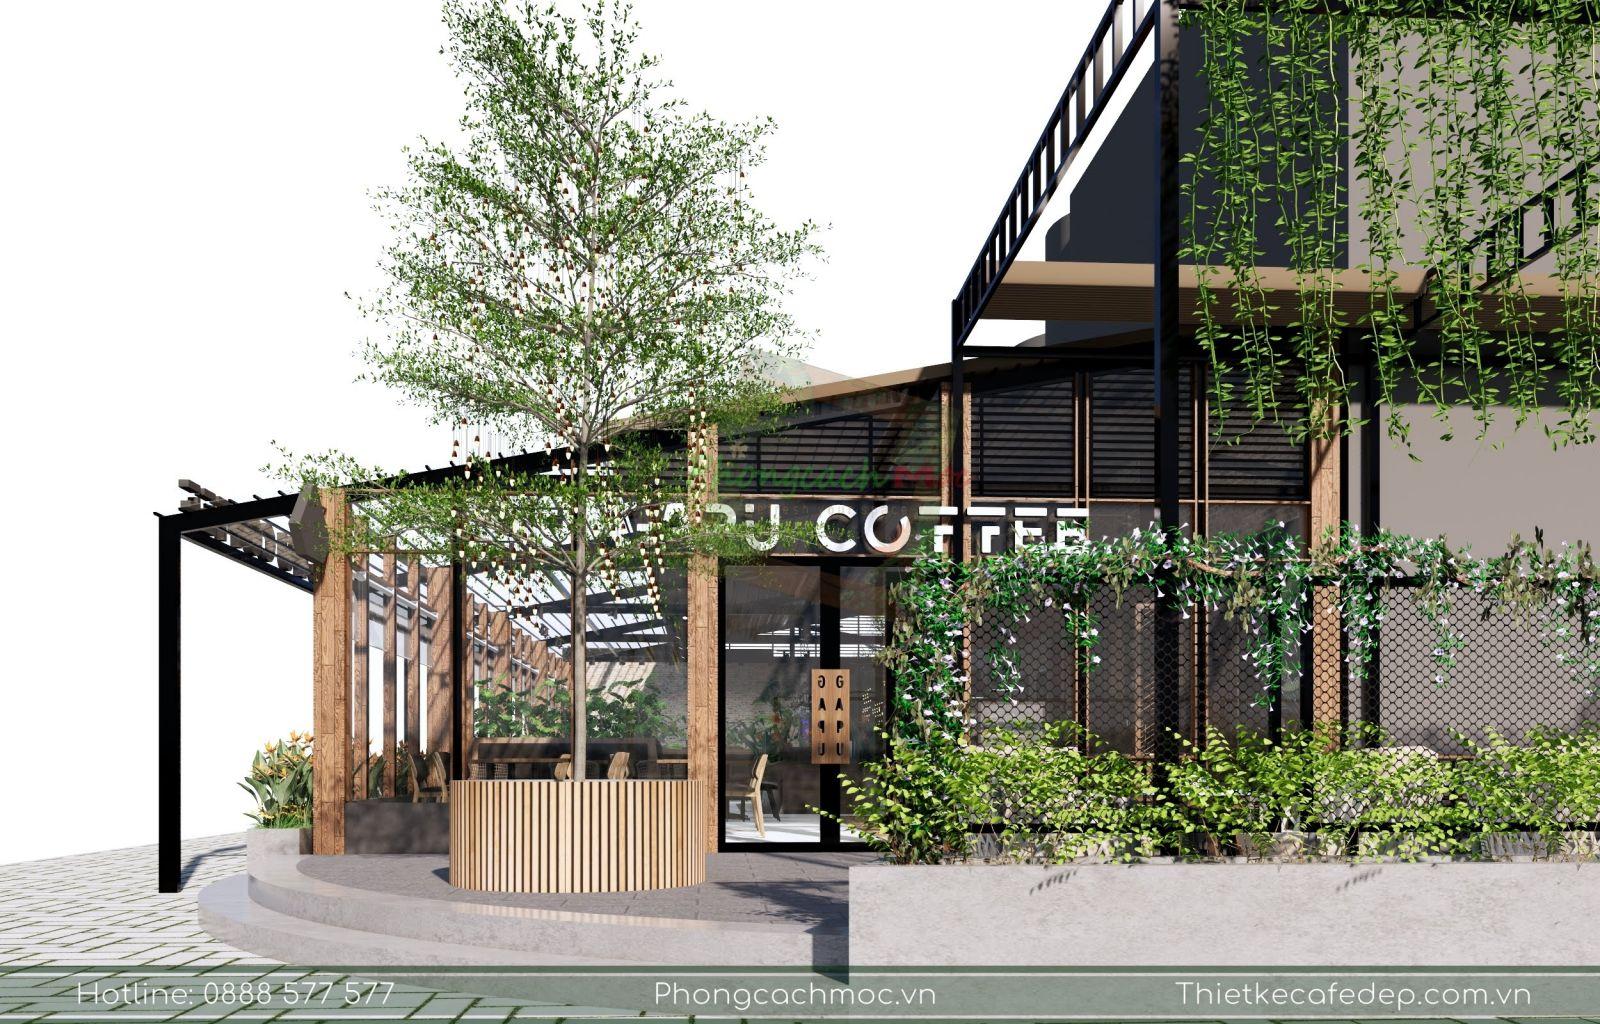 khu vực ngoài trời thiết kế nổi bật của quán gapu coffee